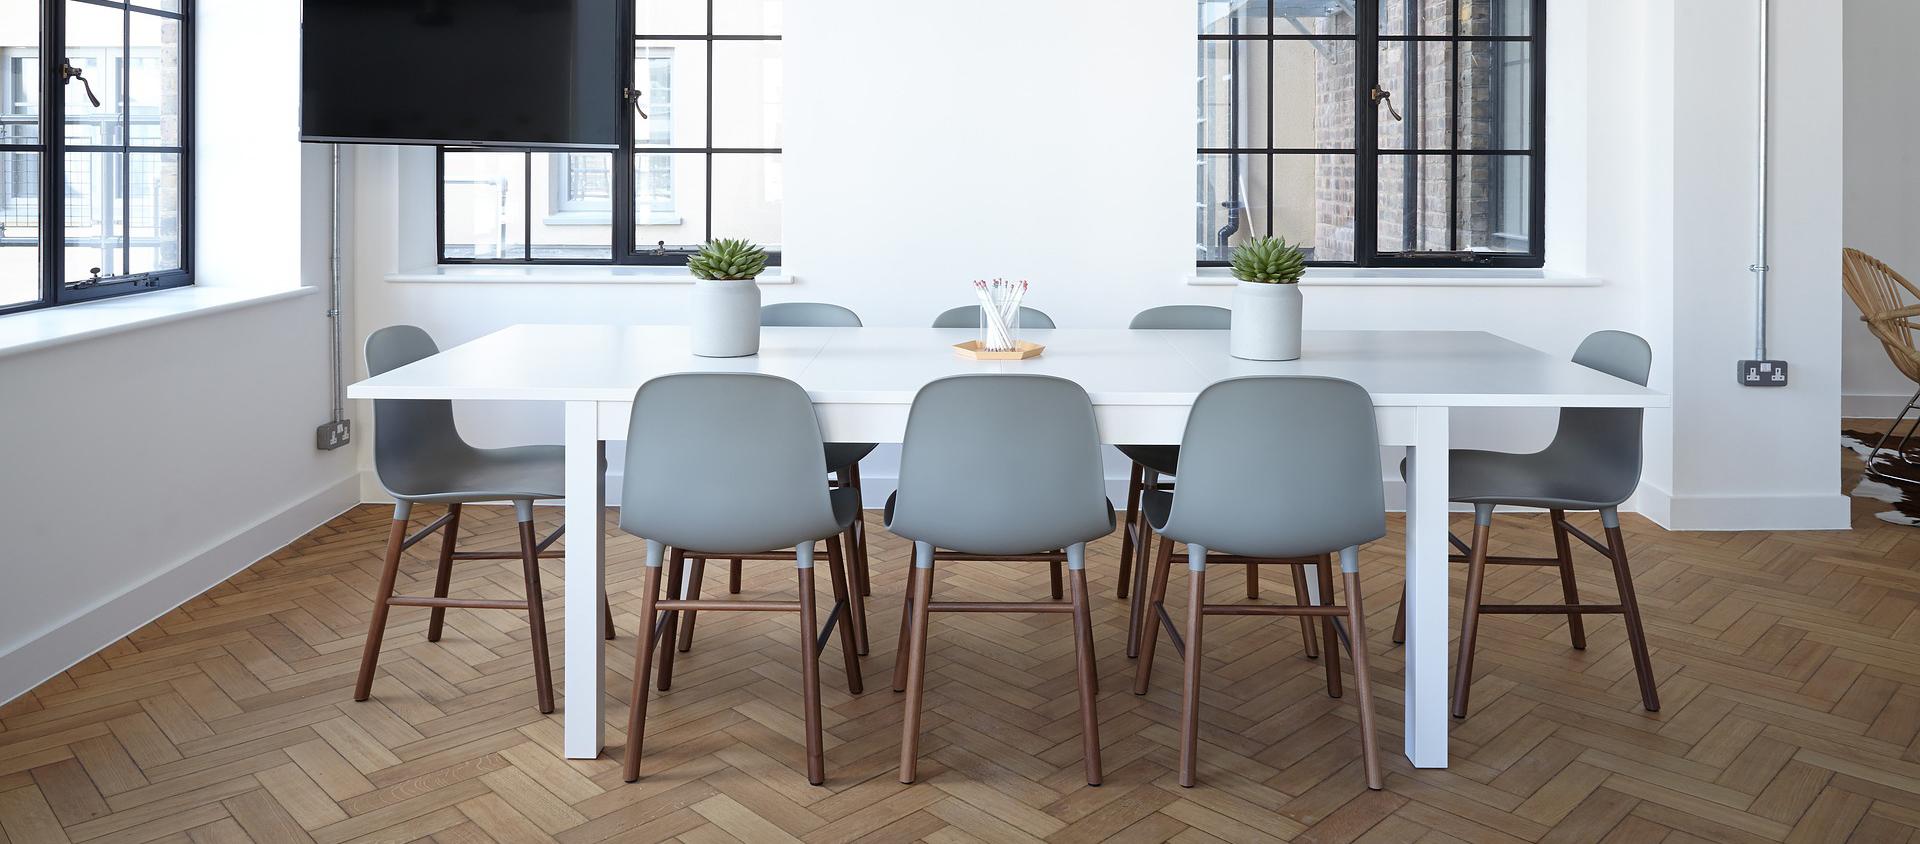 Cómo reformar tu oficina para darle un estilo moderno y atemporal. Somos expertos en reformas en Alicante.